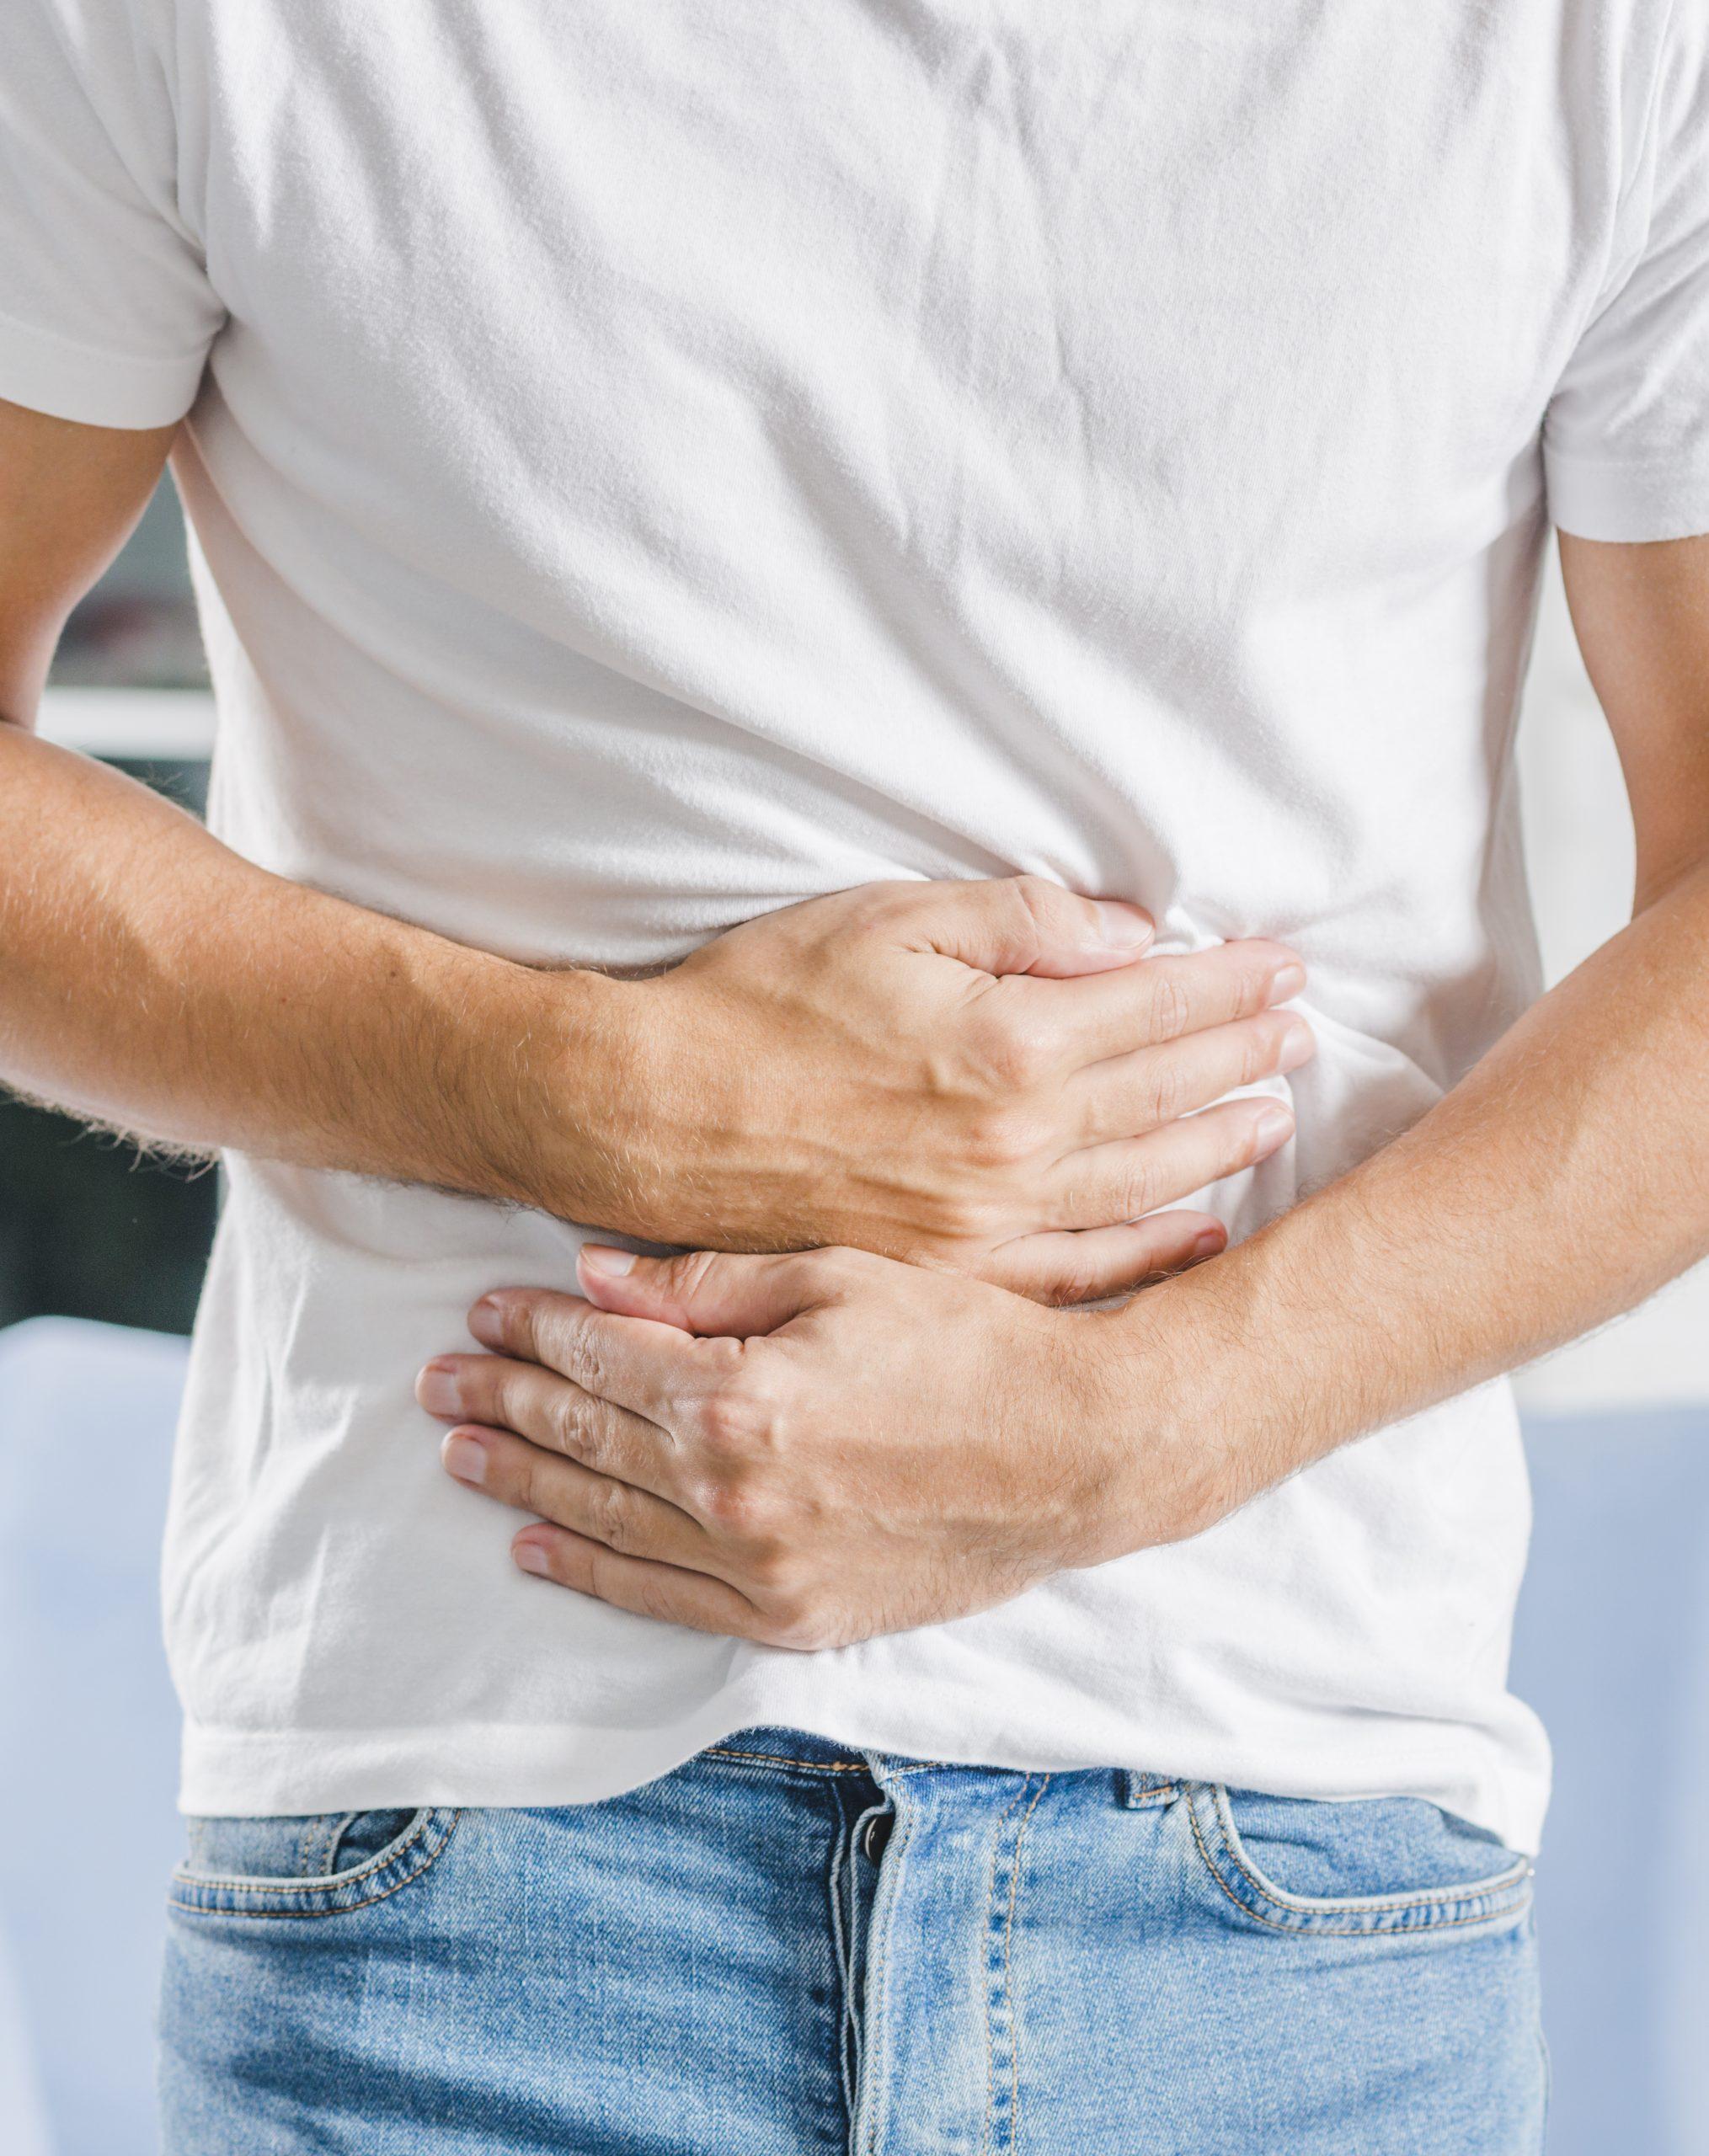 Diez estrategias ganadoras para usar para Alivio del dolor natural